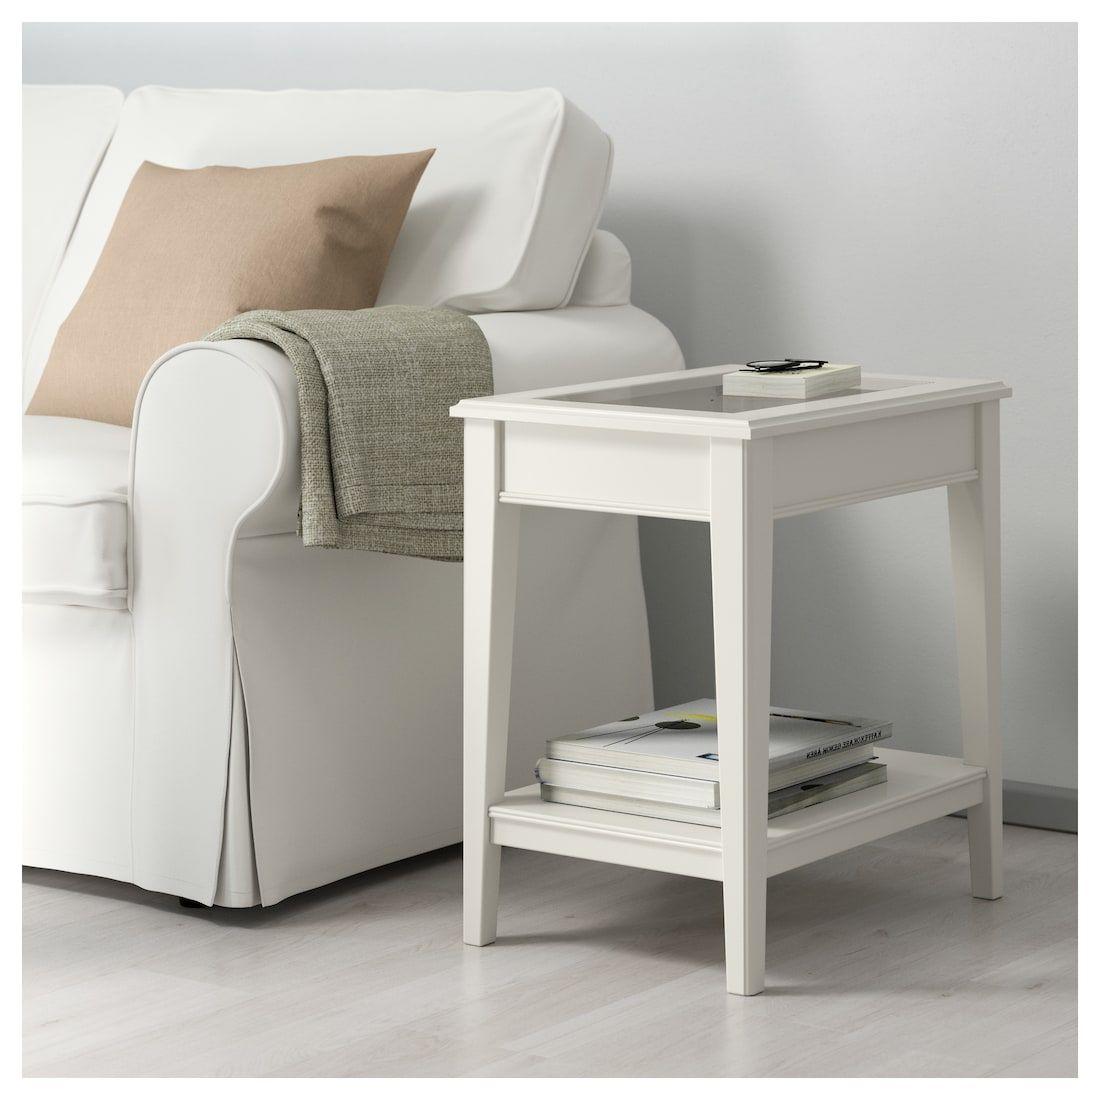 Liatorp Beistelltisch Weiss Glas 57x40 Cm Ikea Osterreich White Side Tables Ikea Side Table Liatorp [ 1100 x 1100 Pixel ]